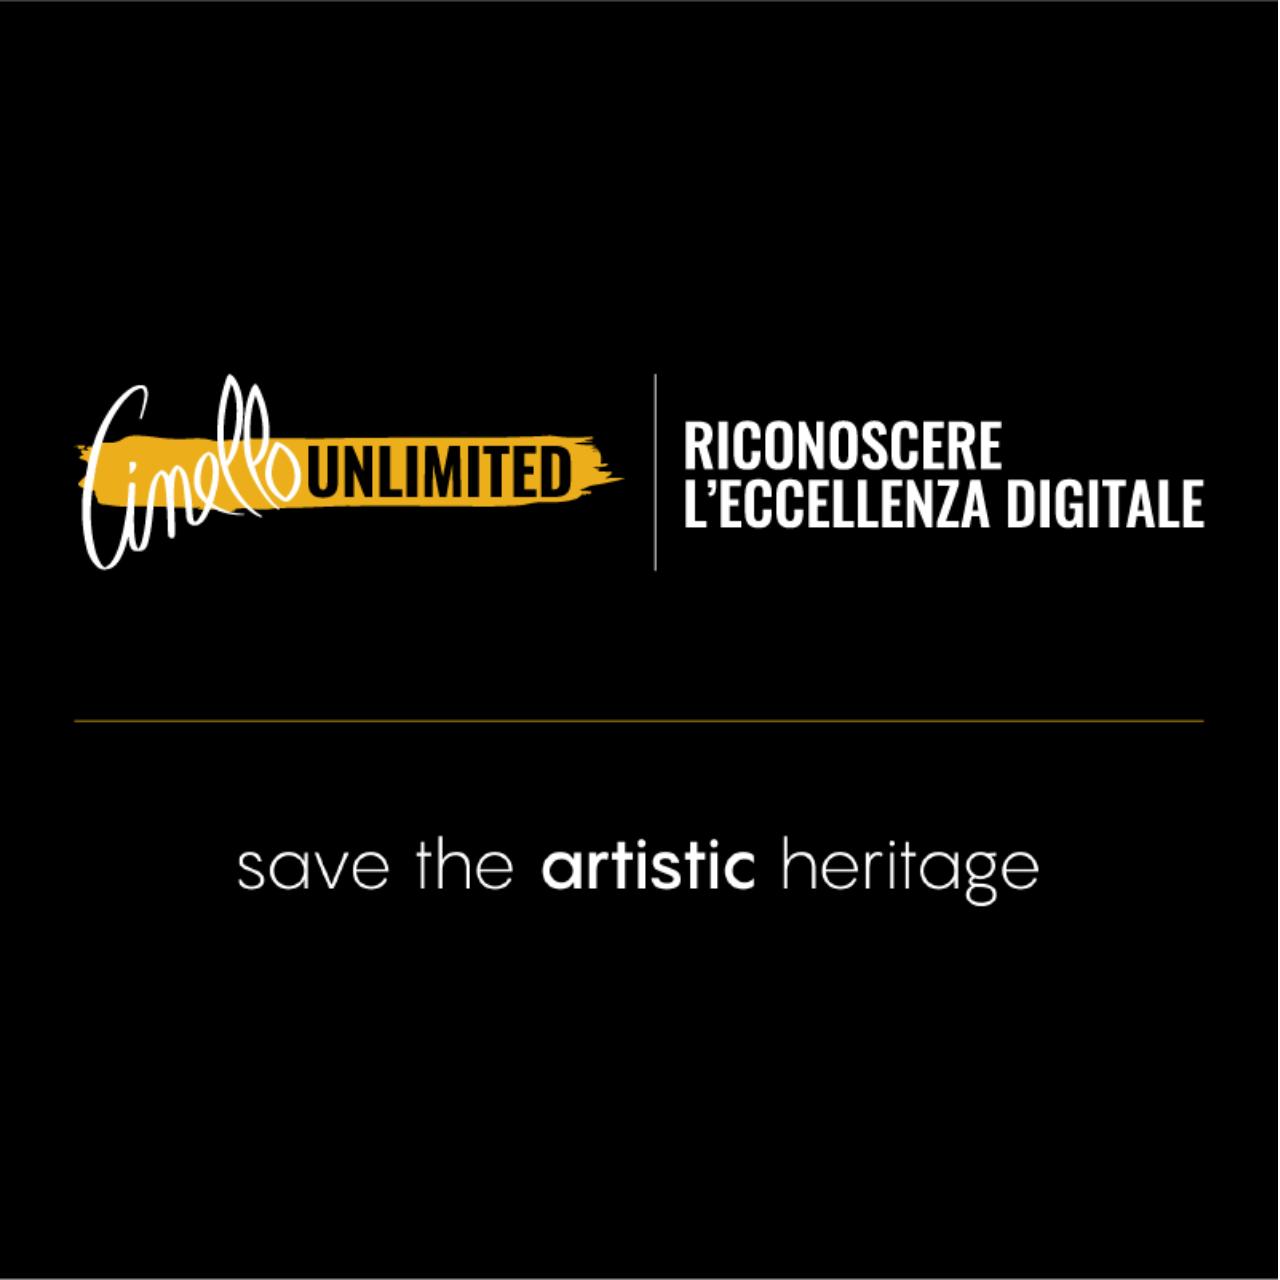 Premio Cinello Unlimited| Riconoscere l'eccellenza digitale